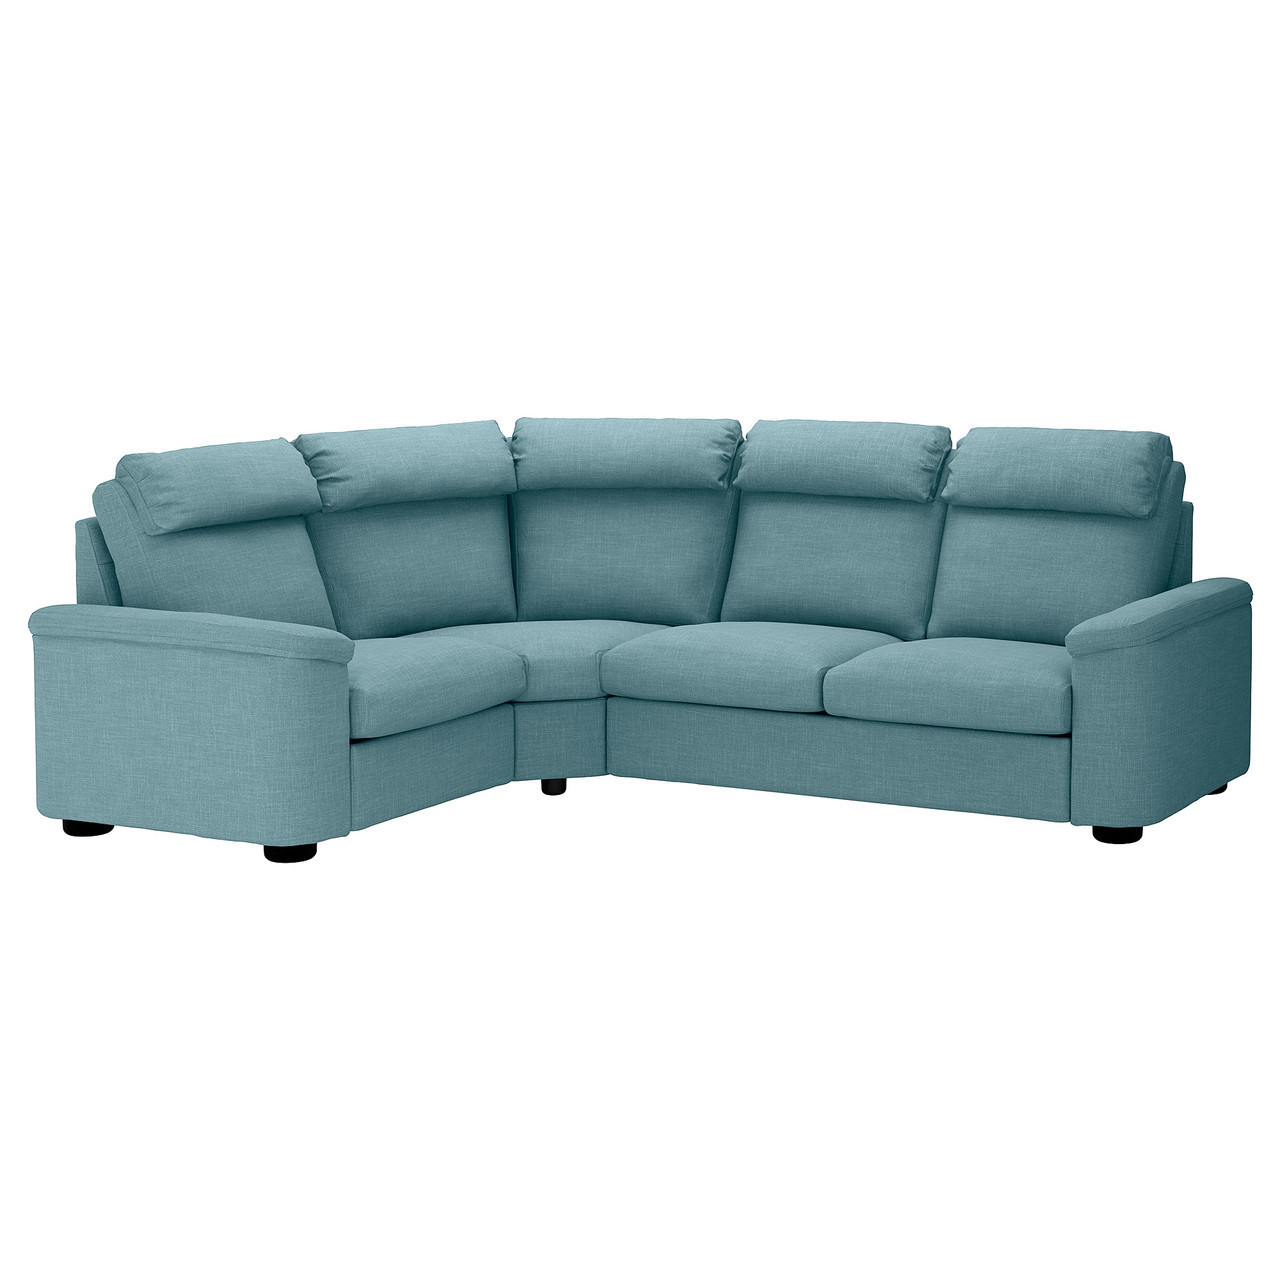 Диван IKEA LIDHULT 4-местный угловой Gassebol голубой 492.574.52